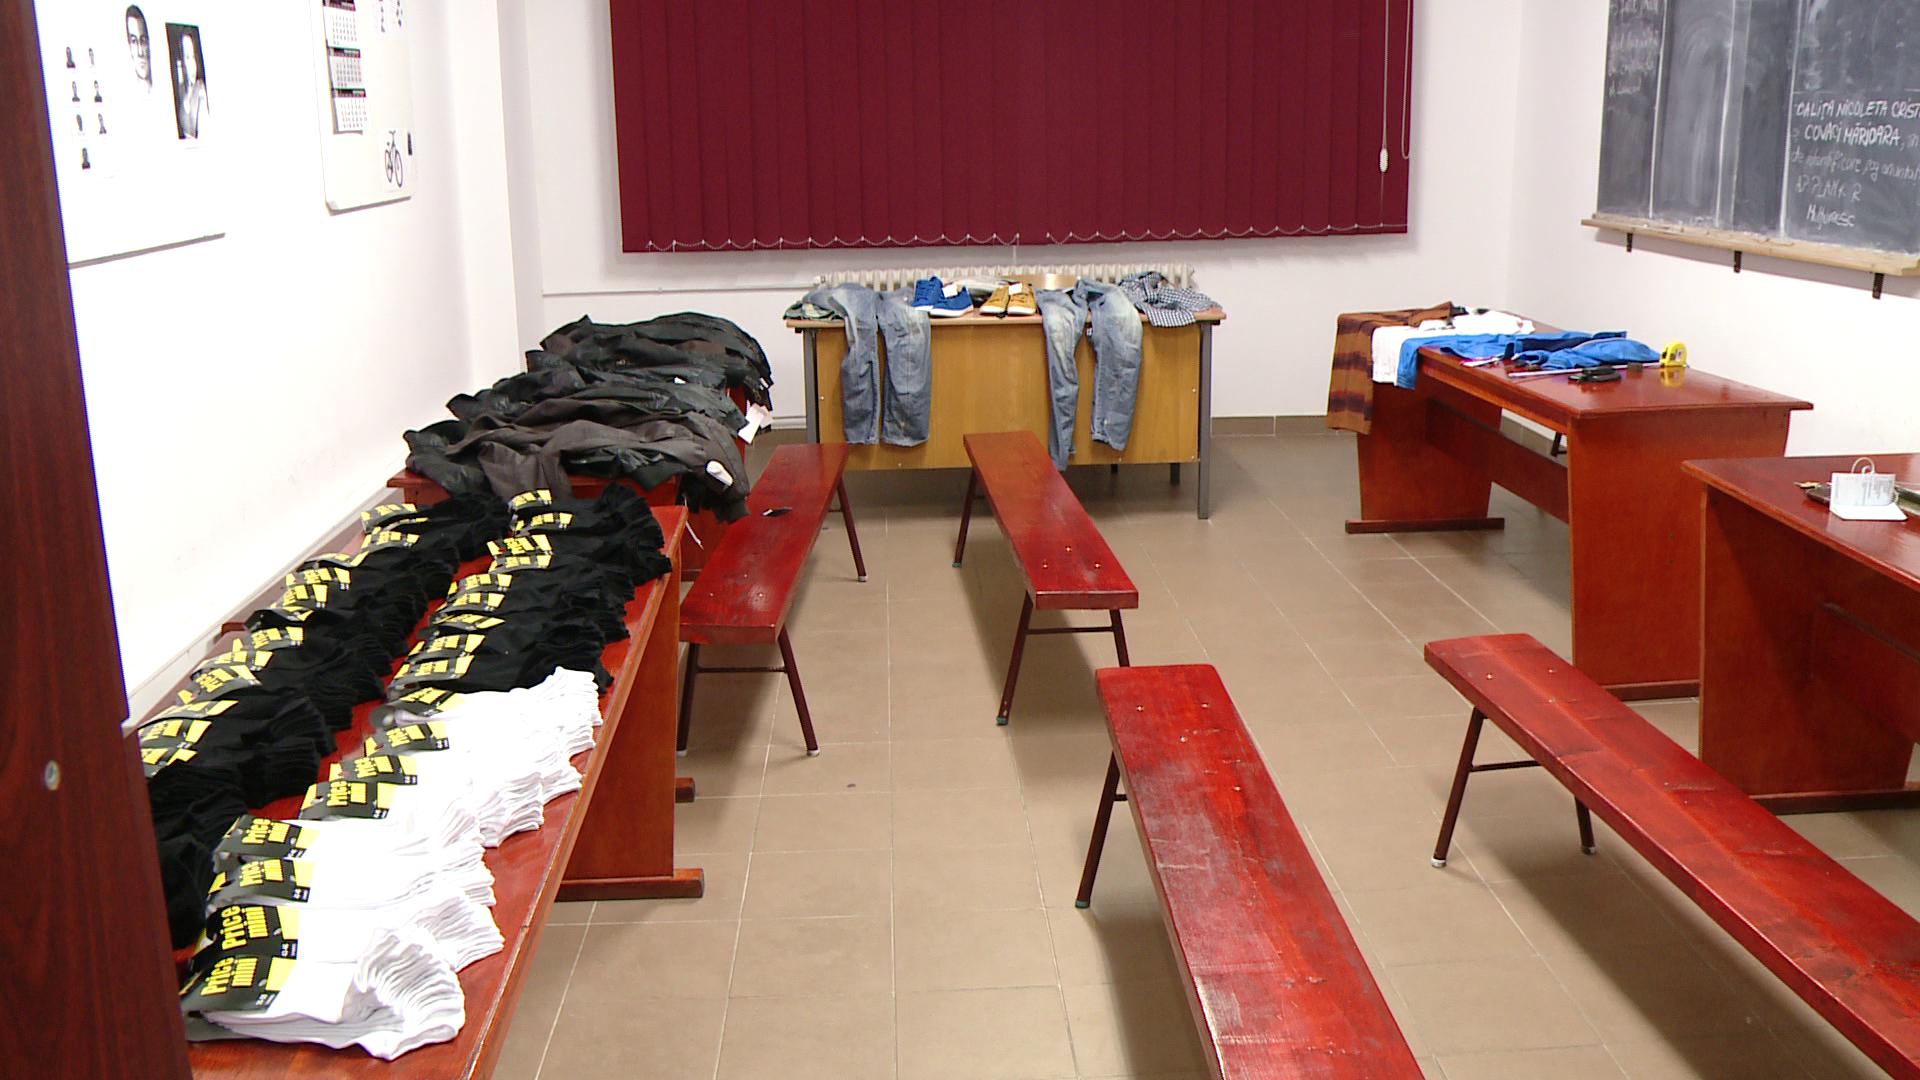 Doi minori sunt cercetati penal pentru ca au furat haine dintr-o camera de camin